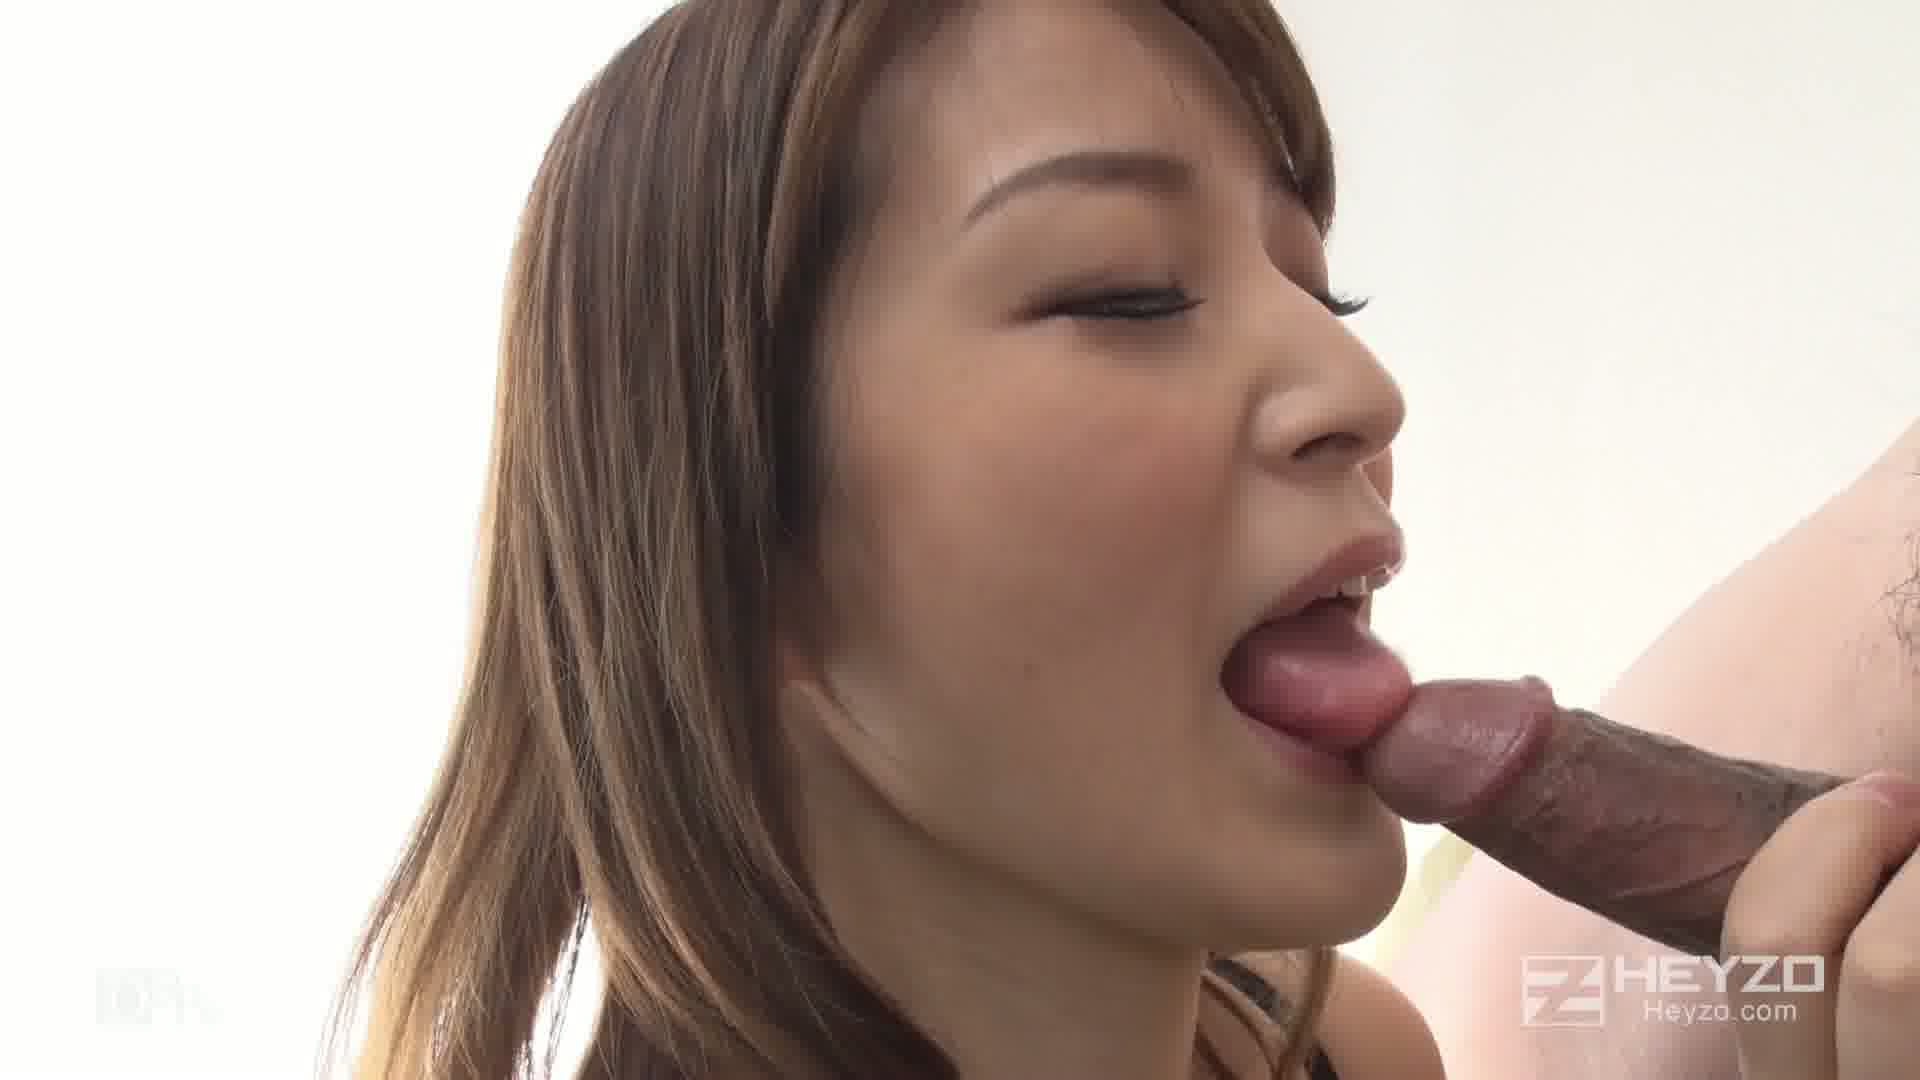 どっちが美味しい!?さくらの男根味くらべ - 蒼井さくら【フェラ 背面座位 正常位】